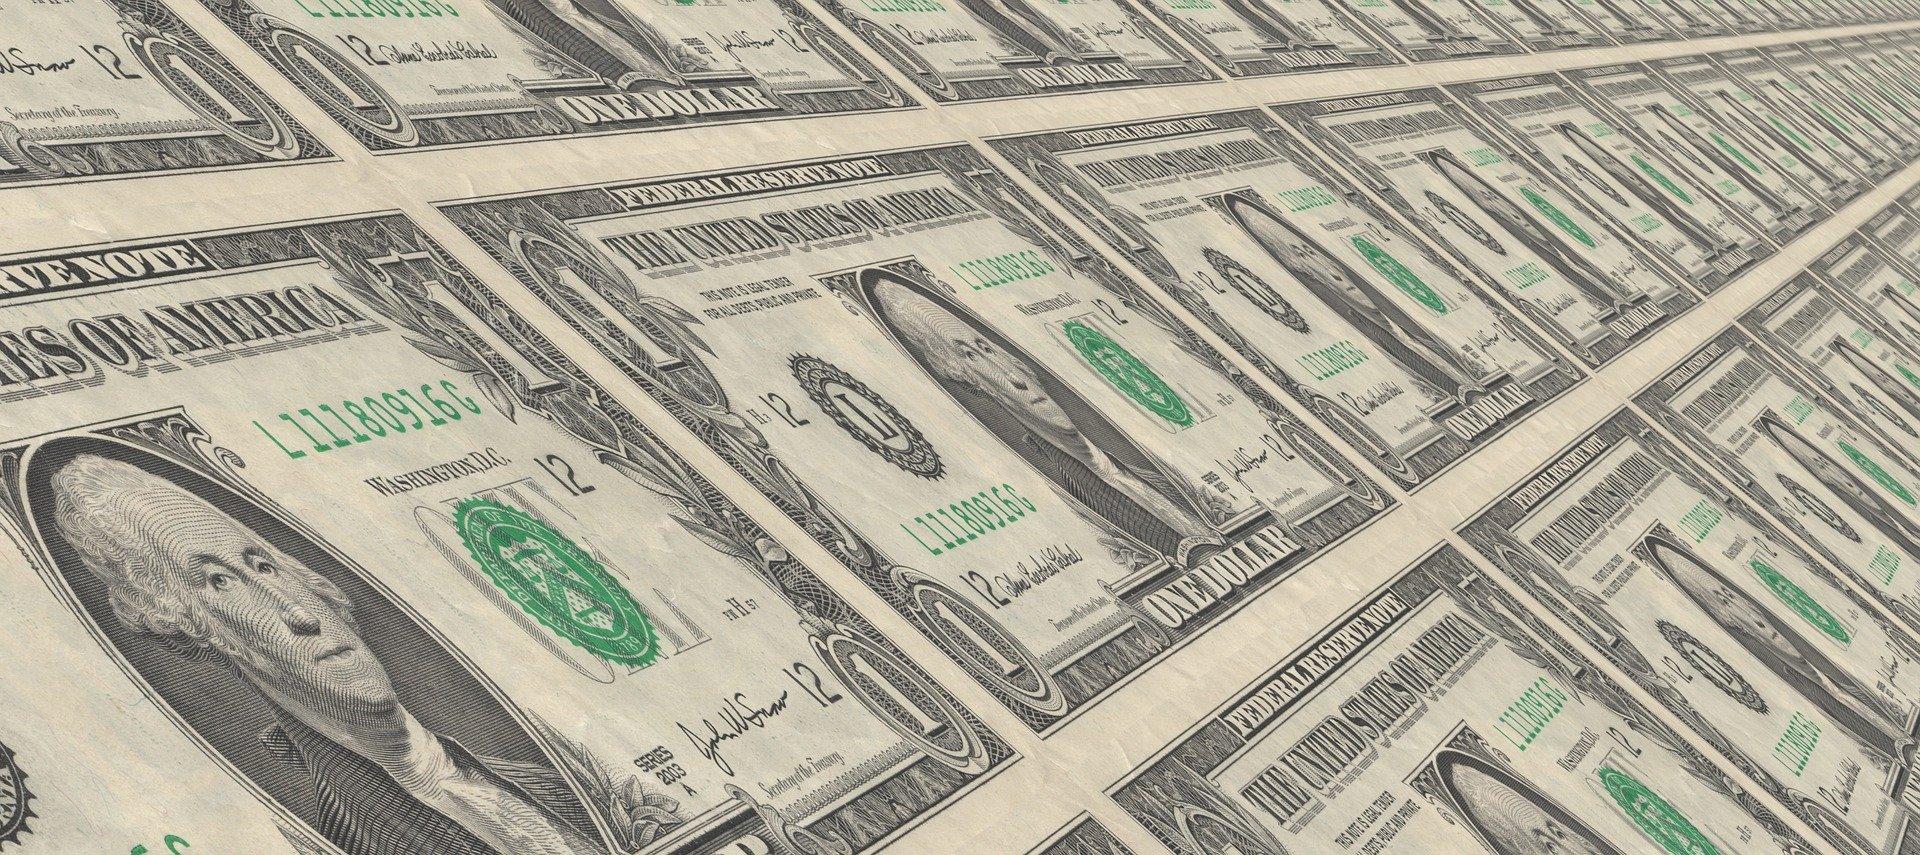 Imprimer Des Faux Billets De Banque Une Mauvaise Idee Encre Imprimante